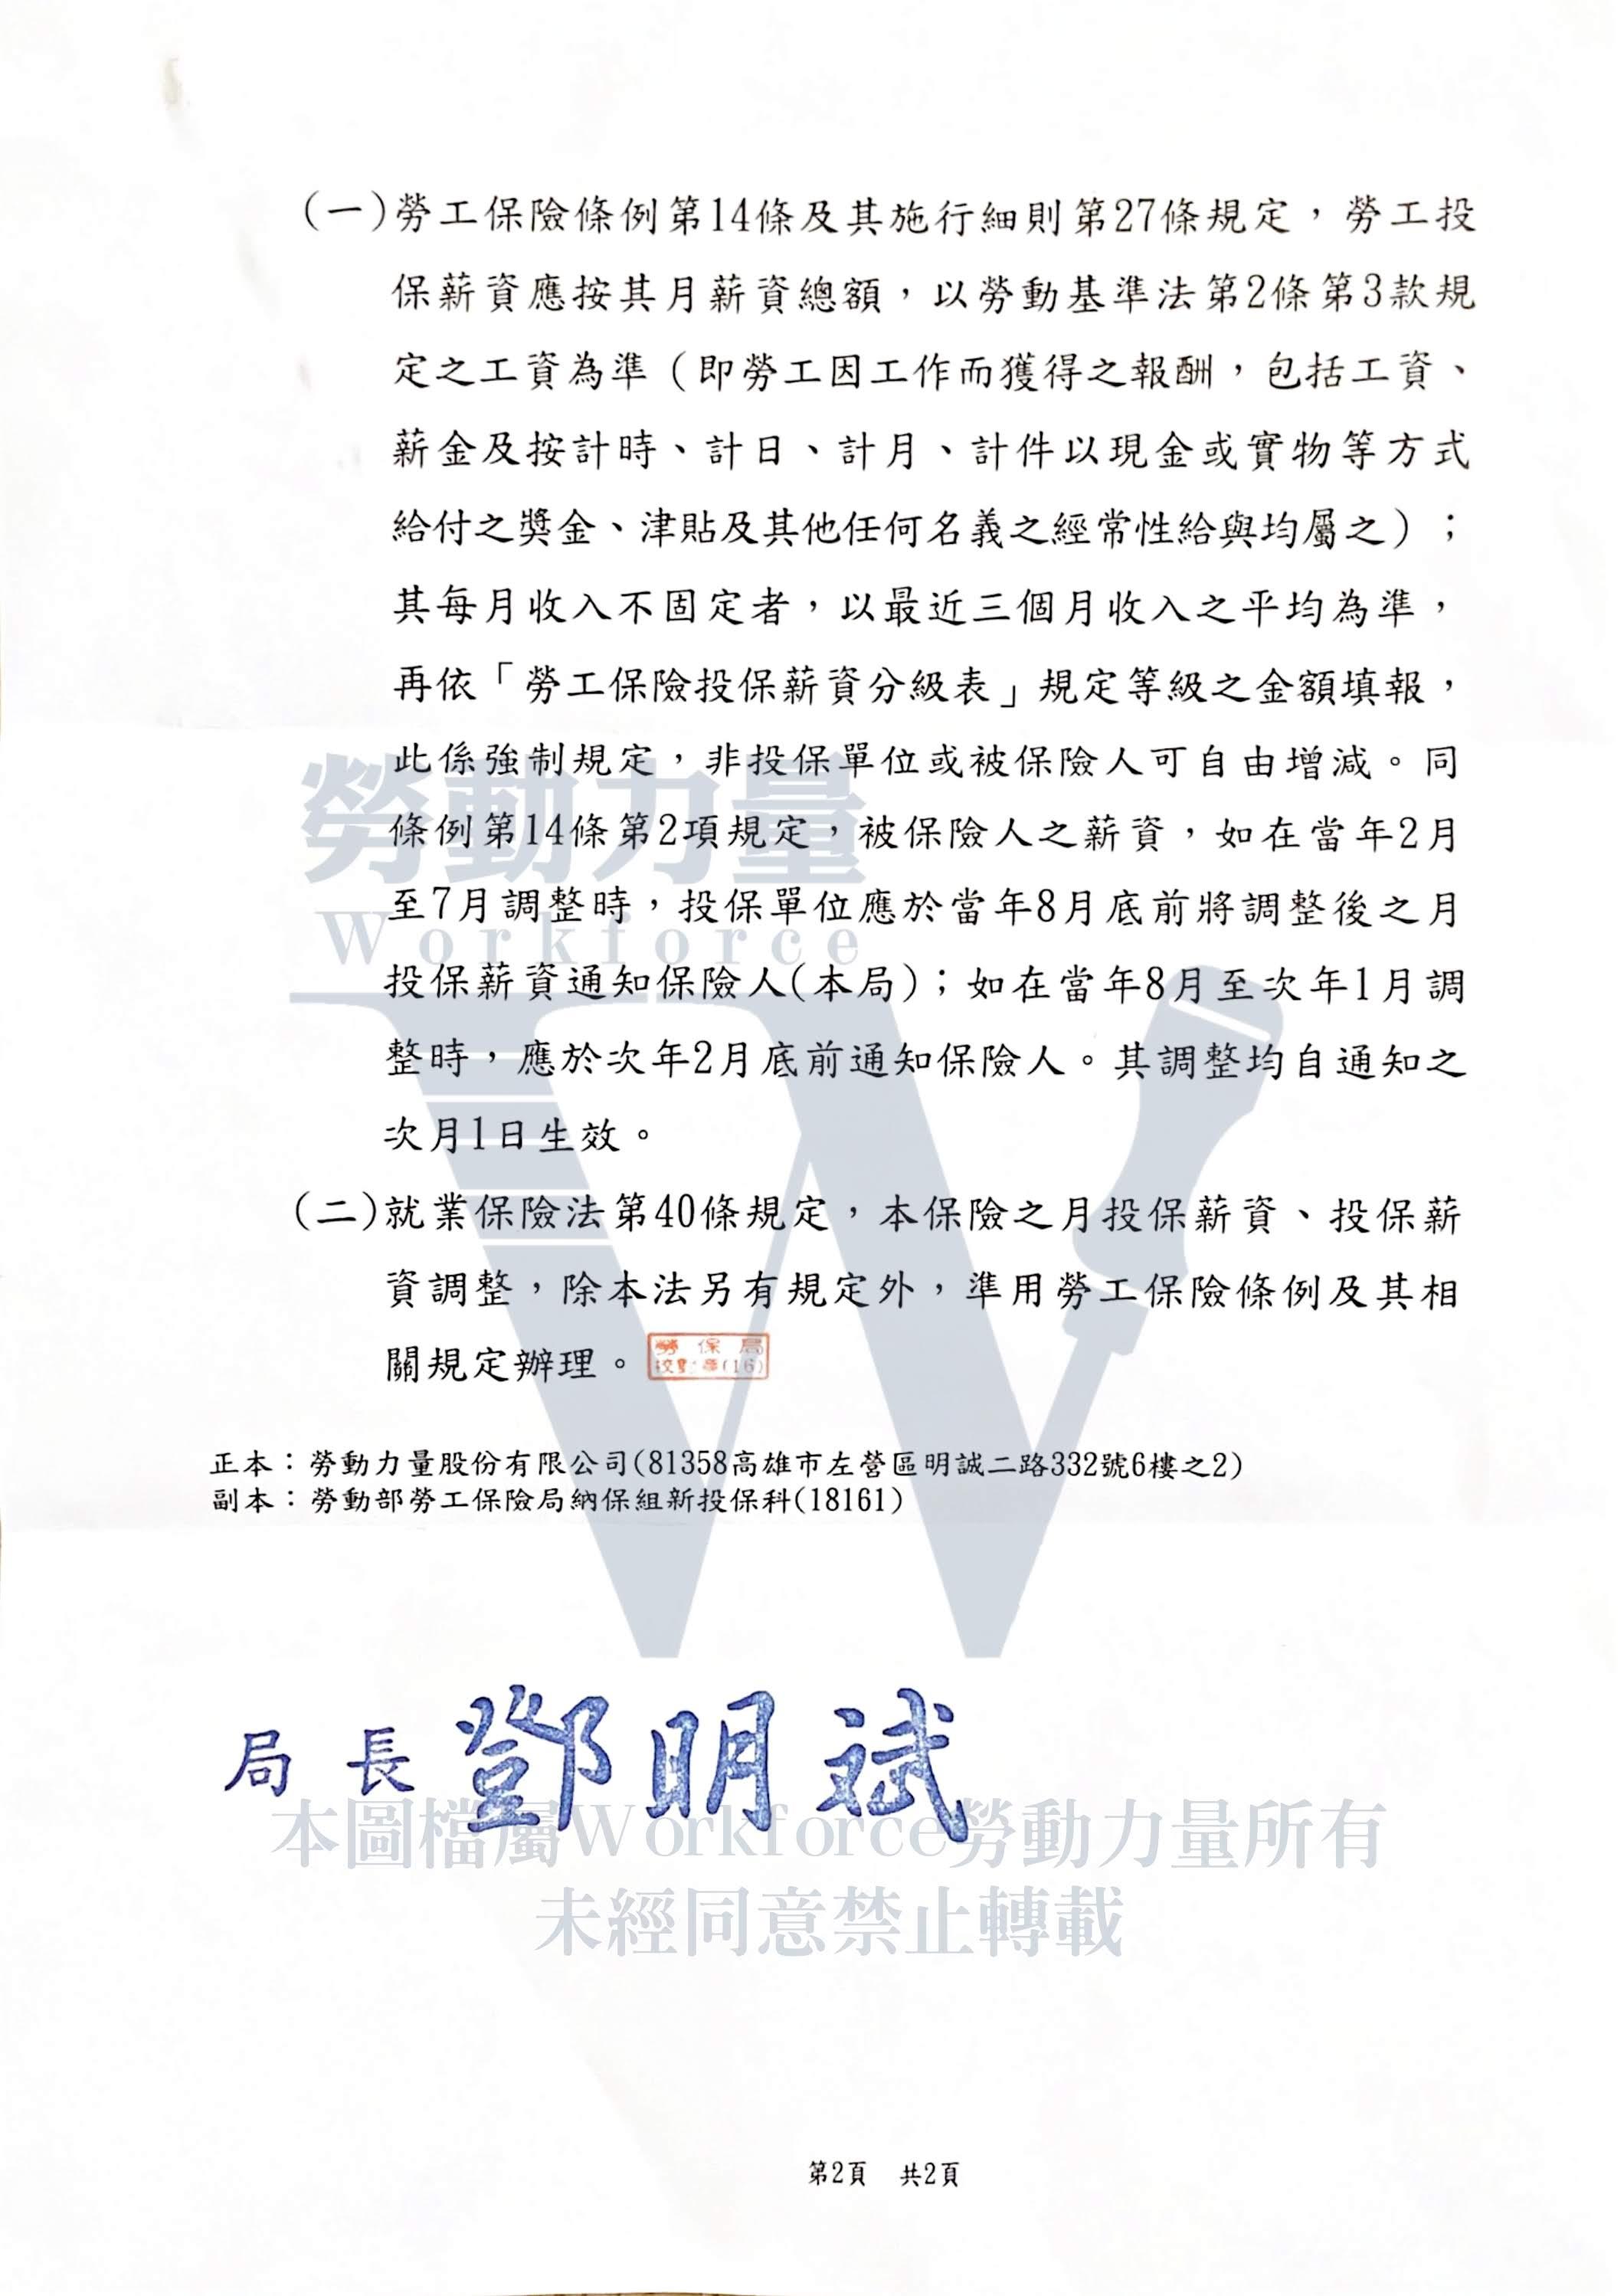 1080830勞保局保納新字第10810306210號函-2